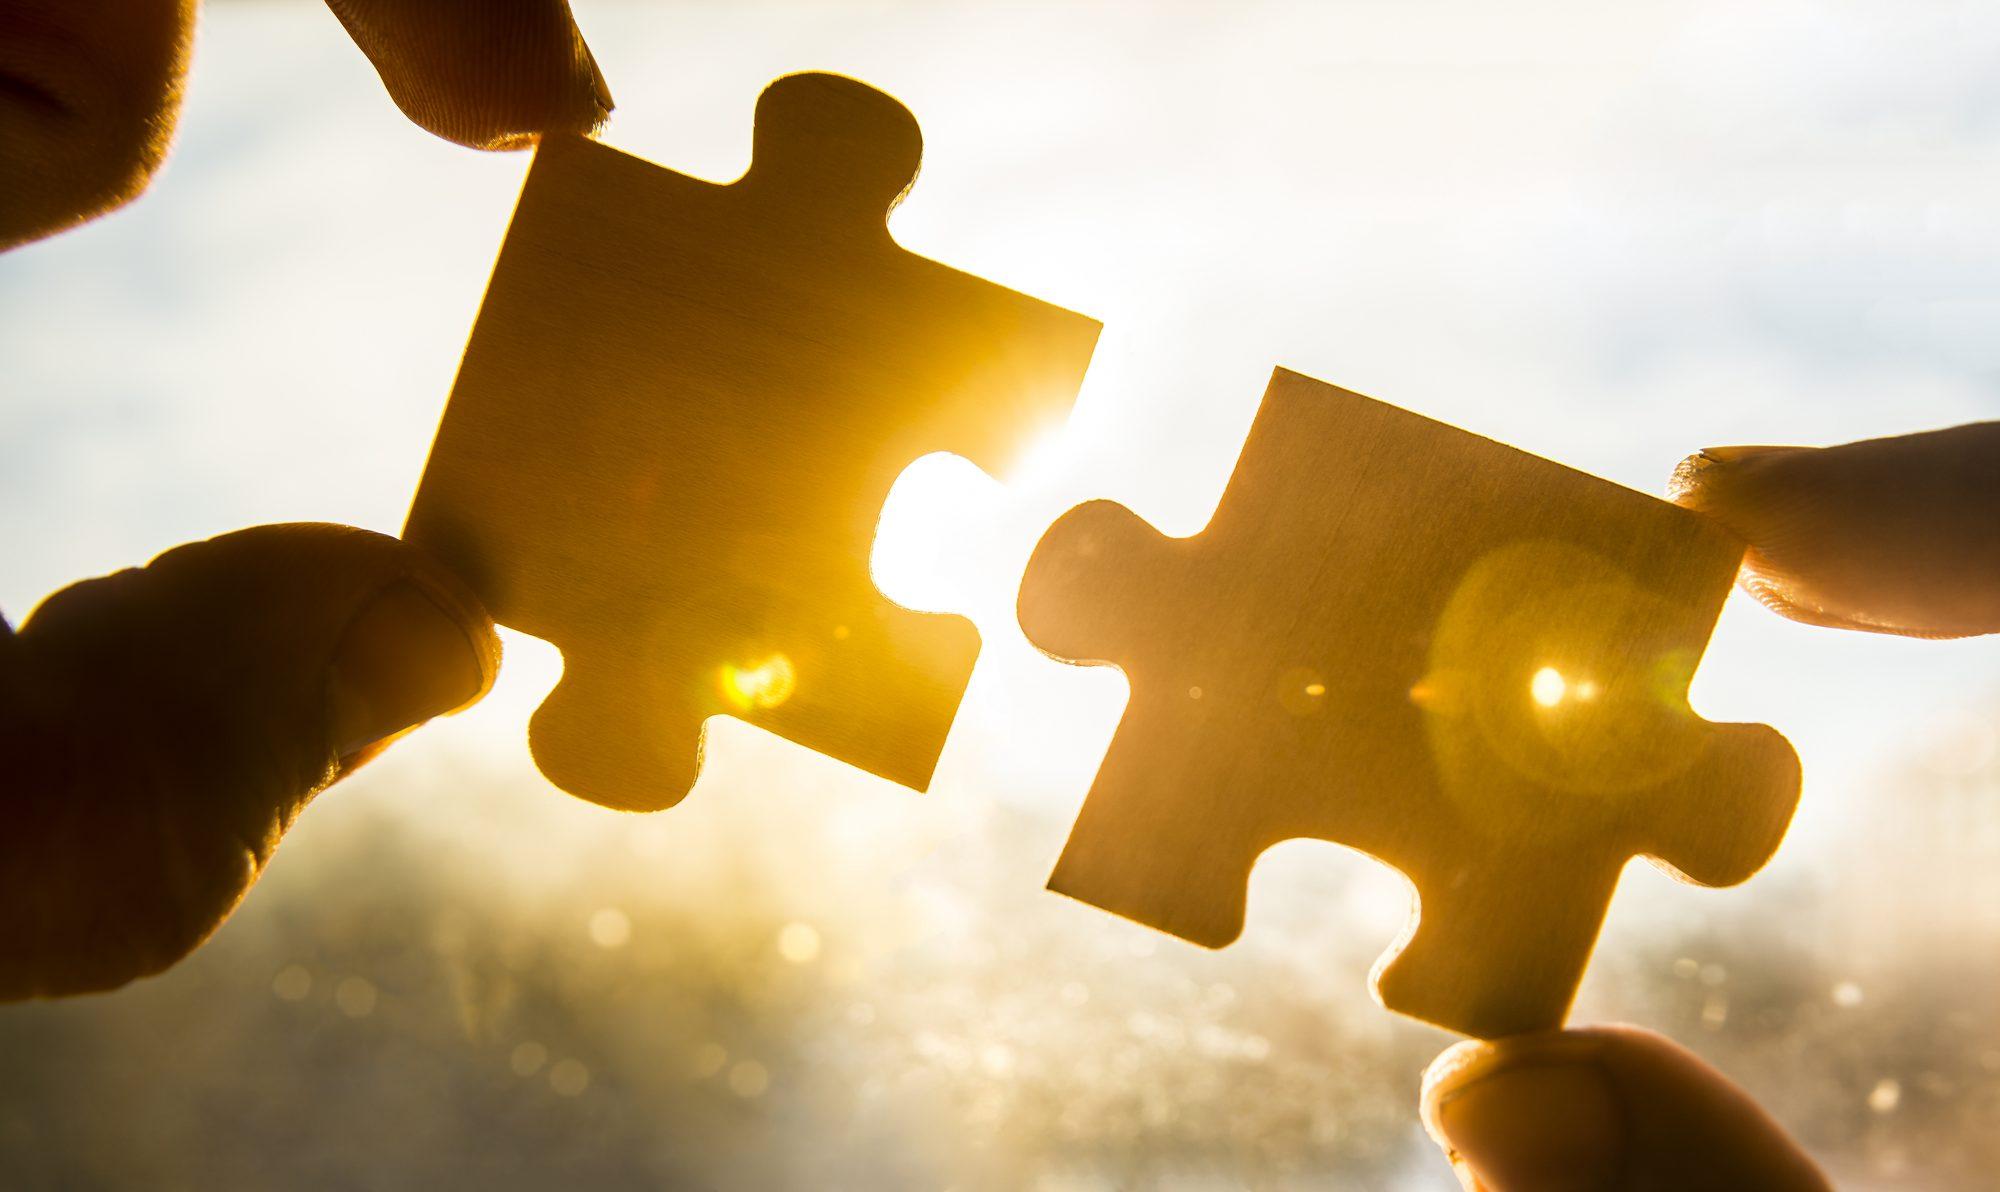 Puzzleteile zusammenfuegen